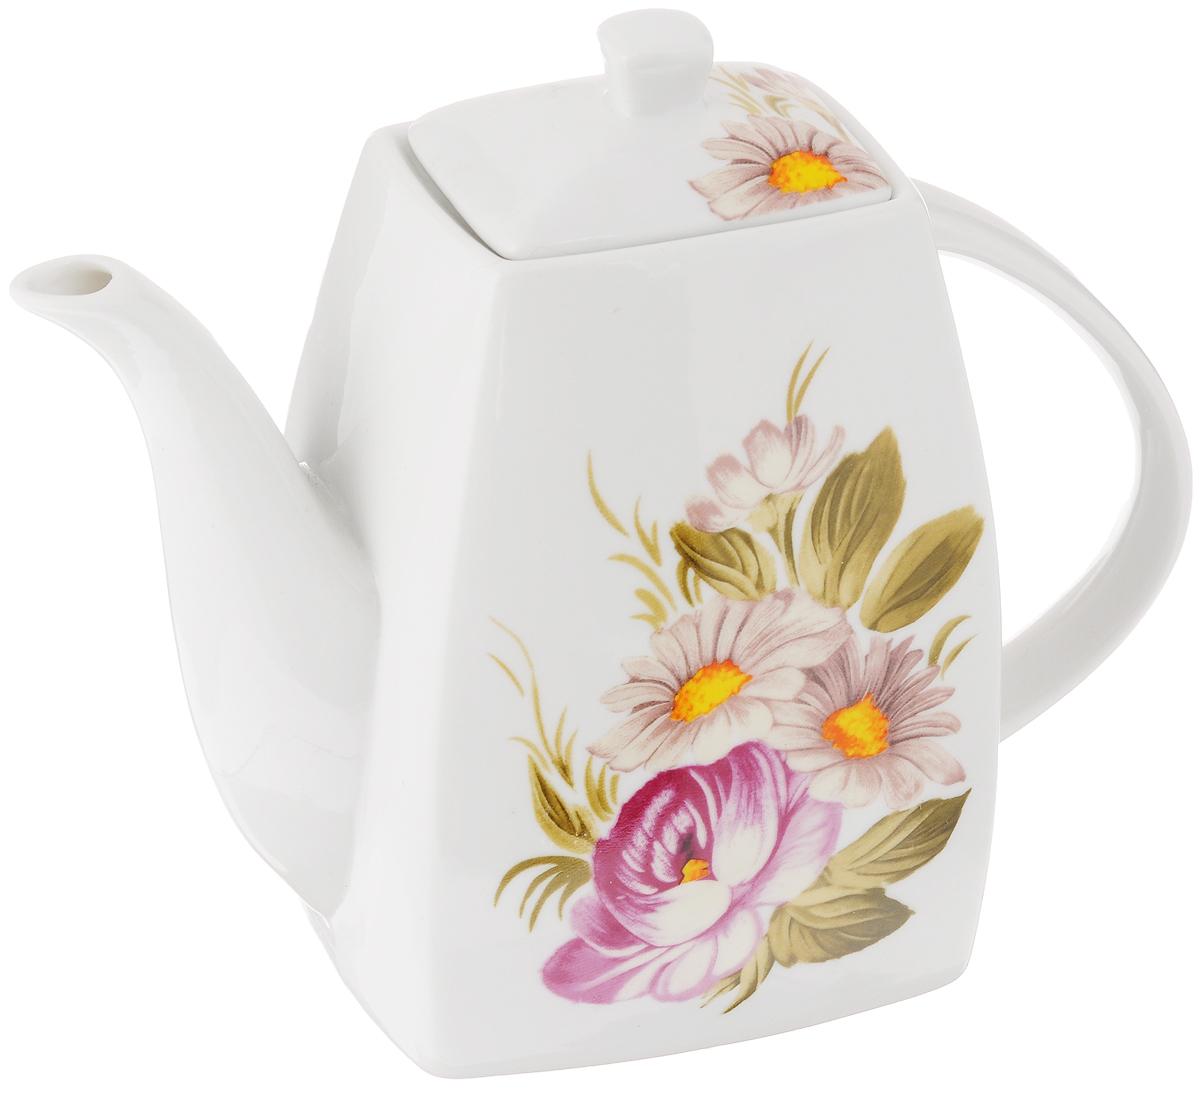 Чайник заварочный Loraine Цветочная идиллия, 1 л21169Заварочный чайник Loraine Цветочная идиллия изготовлен из высококачественной керамики с гладким глазурованным покрытием. Изделие декорировано красочным цветочным рисунком. Чайник снабжен удобной ручкой и широким носиком. В основании носика расположены фильтрующие отверстия от попадания чаинок в чашку. Изысканный заварочный чайник украсит сервировку стола к чаепитию. Благодаря красивому утонченному дизайну и качеству исполнения он станет хорошим подарком друзьям и близким. Размер чайника (по верхнему краю): 6 х 4 см. Высота чайника (без учета крышки): 15,5 см.